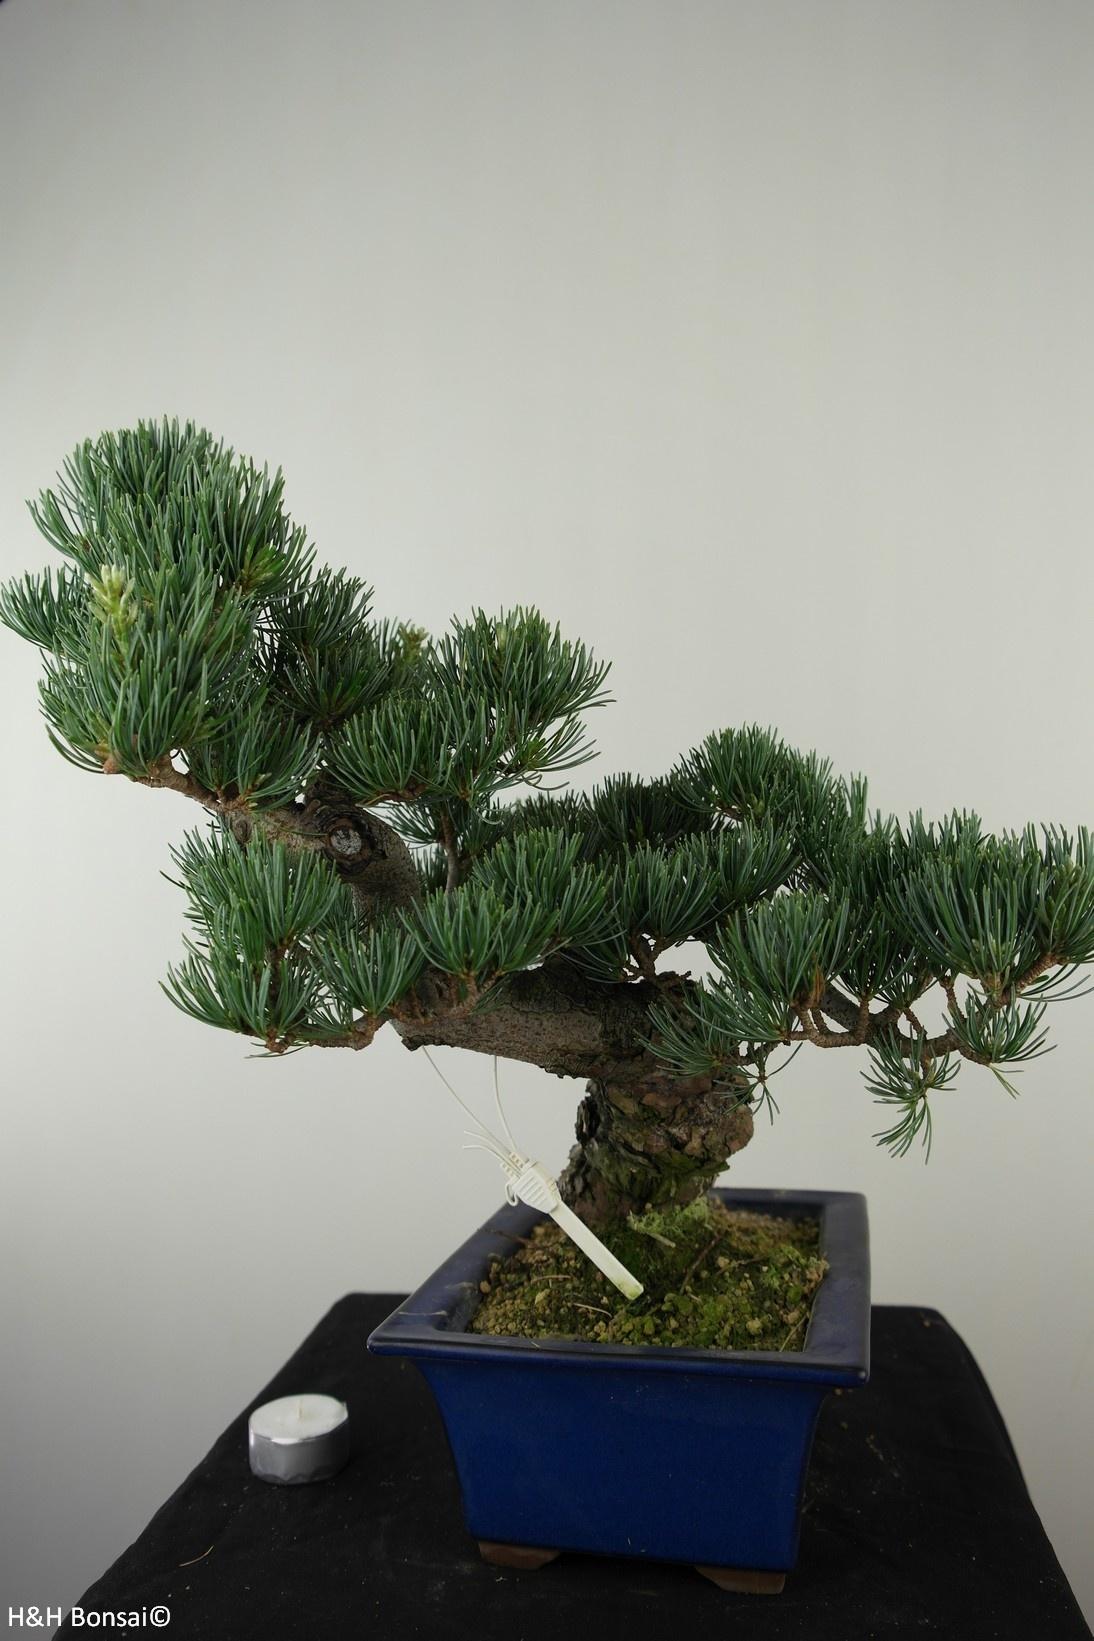 Bonsai Japanese White Pine, Pinus pentaphylla, no. 7810